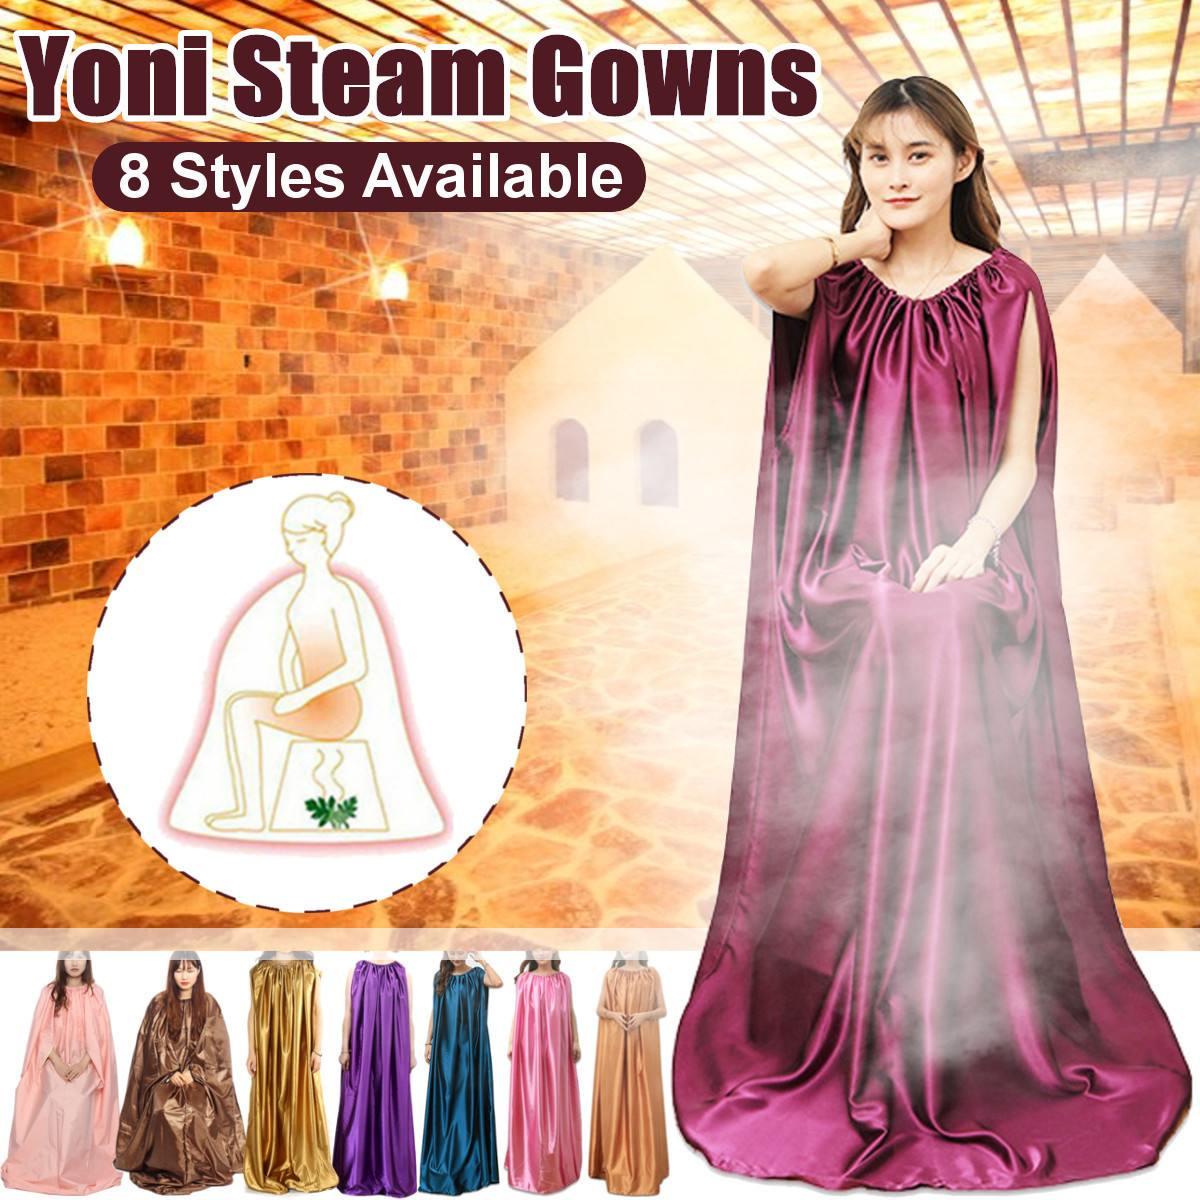 Yoni Steam Gowns Vaginal Detox Yoni Steam Herbs Dress V Steam Vaginal Steaming Hip Bath Rope Detox Steam Gowns Functional Steam